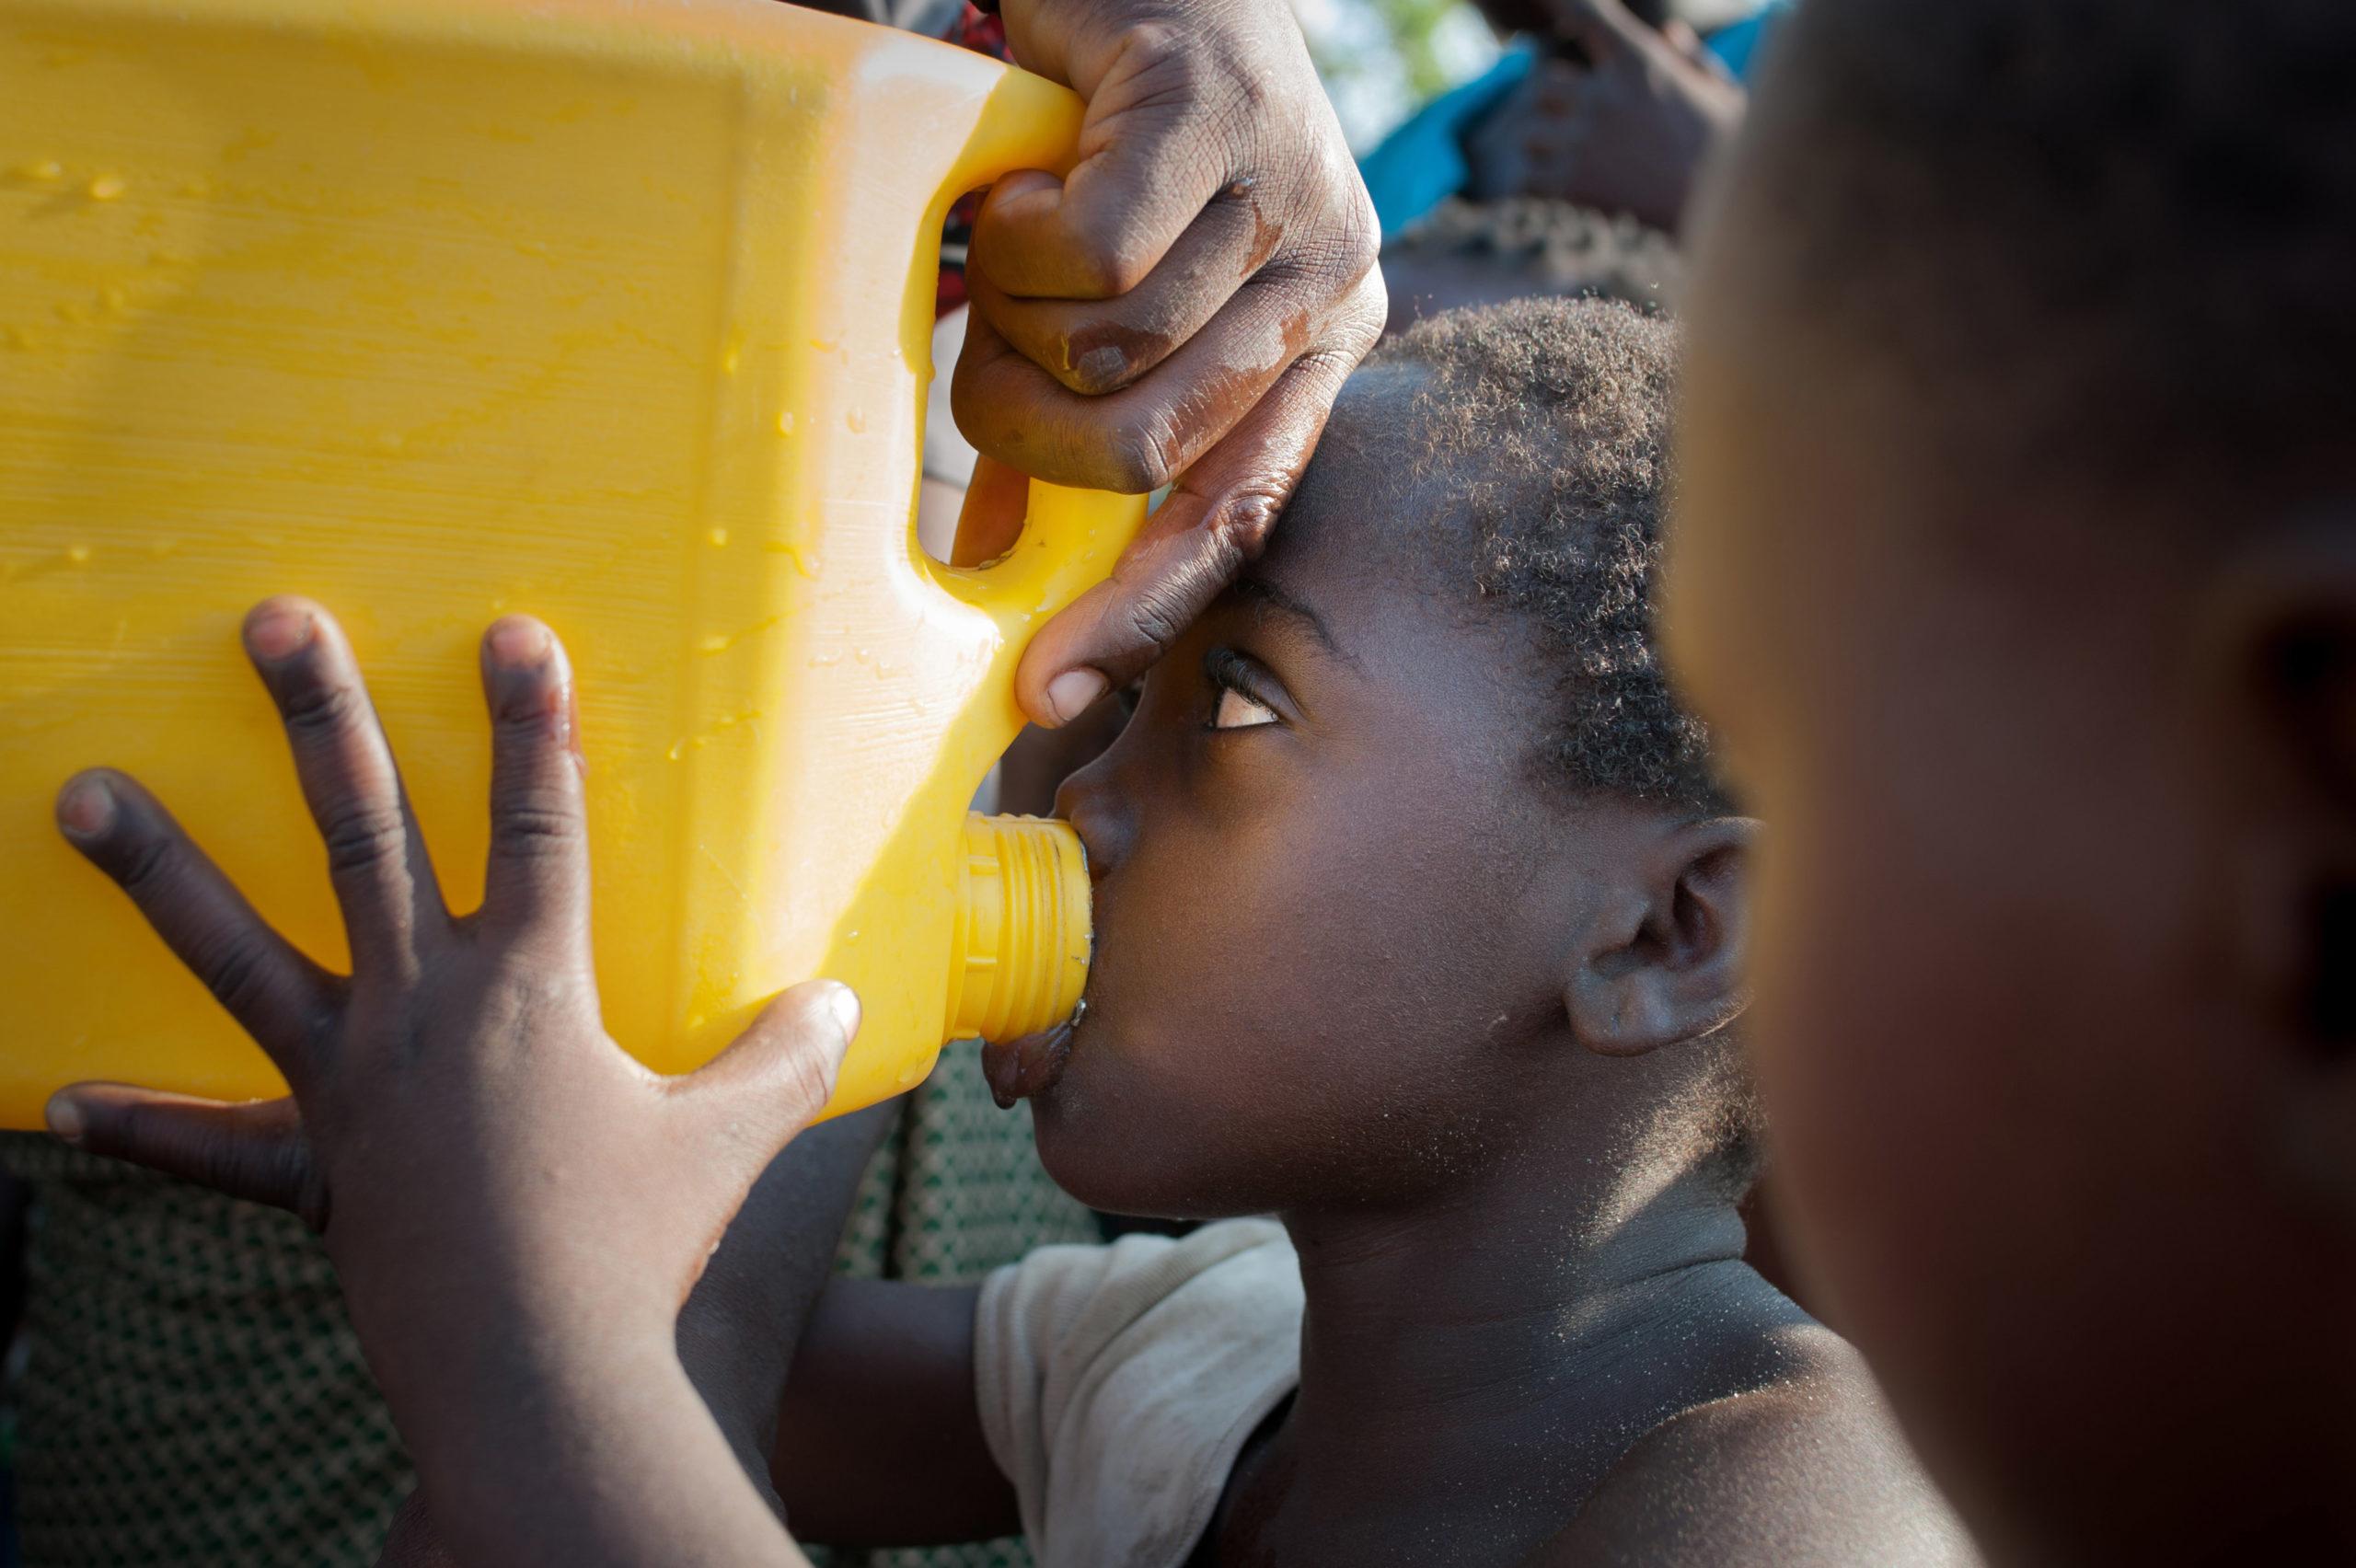 Mosmbikin maaseudulla joka viides talous hakee juomavetensä pintavesistä.